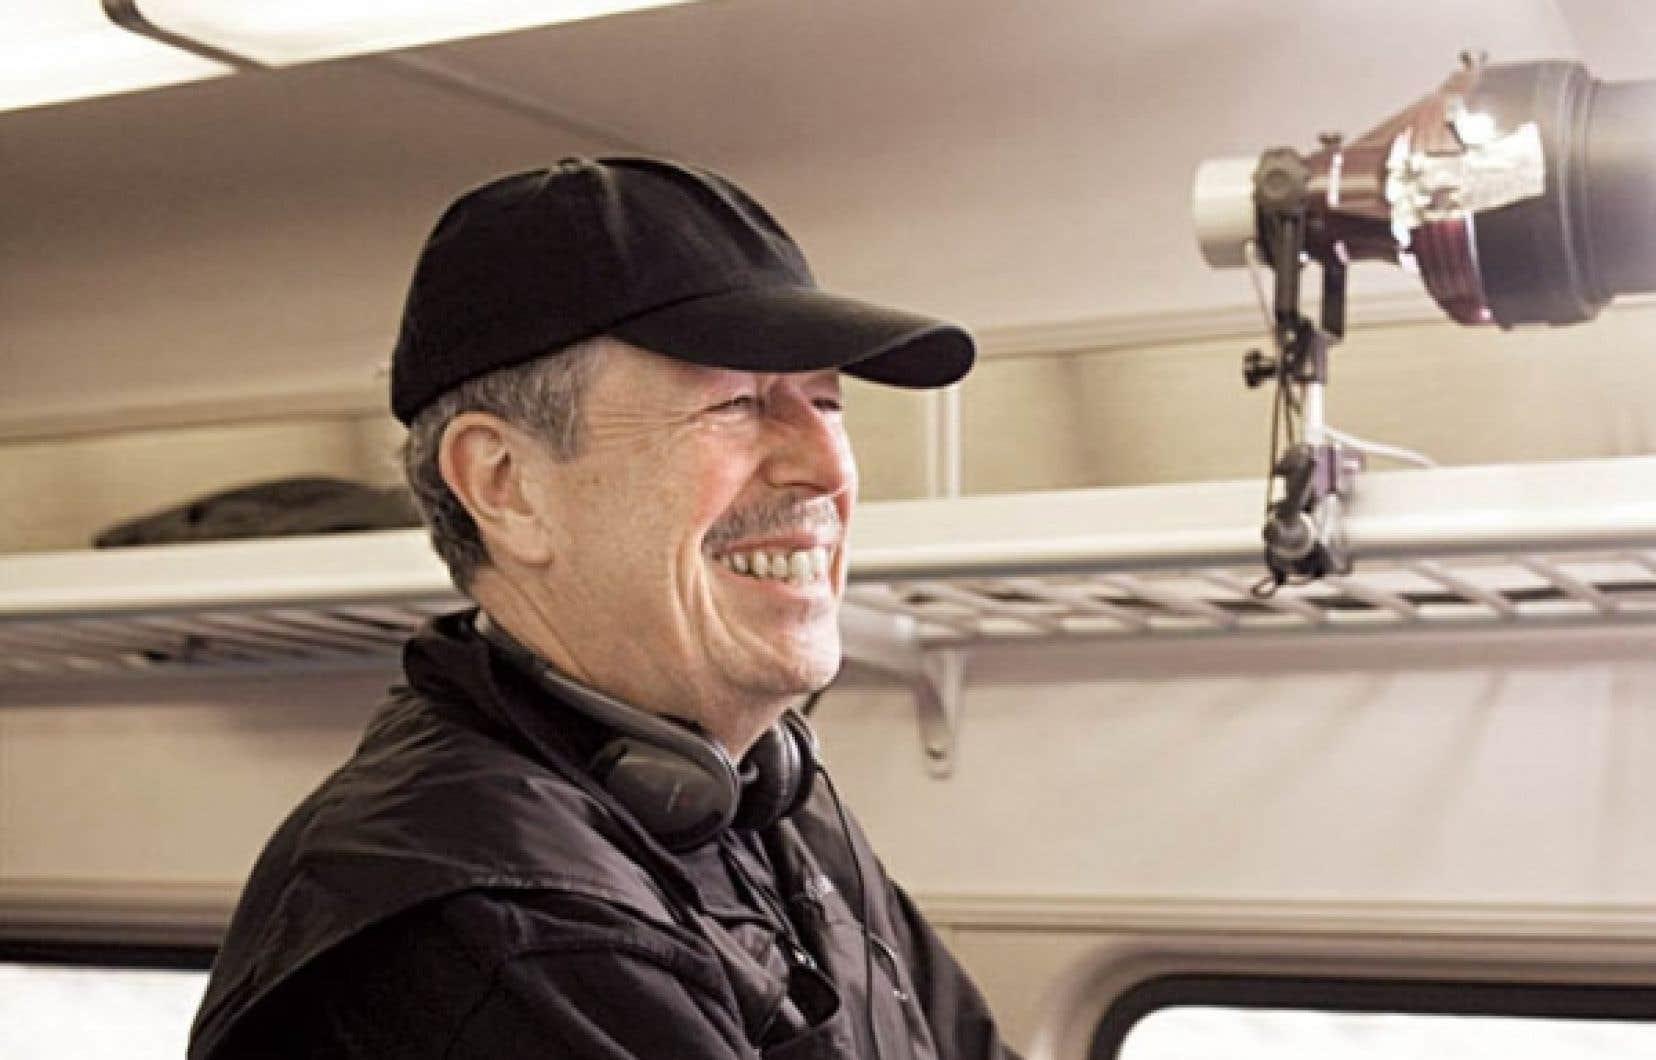 Le cinéaste Denys Arcand lors du tournage de son long métrage L'âge des ténèbres <br />